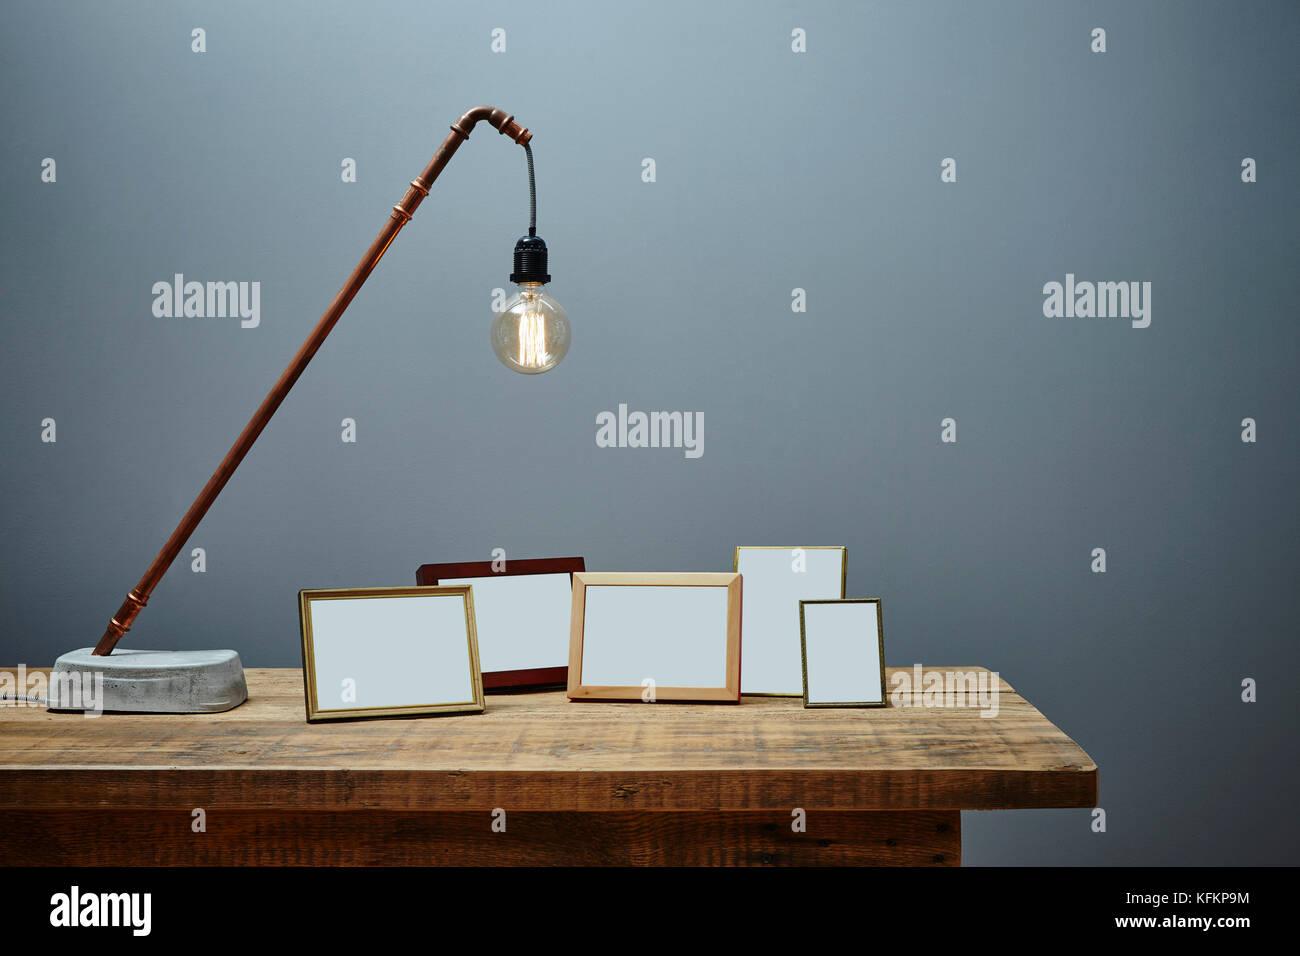 Rustikal Sideboard mit einzelnen Kupfer Lampe und Cluster von ...